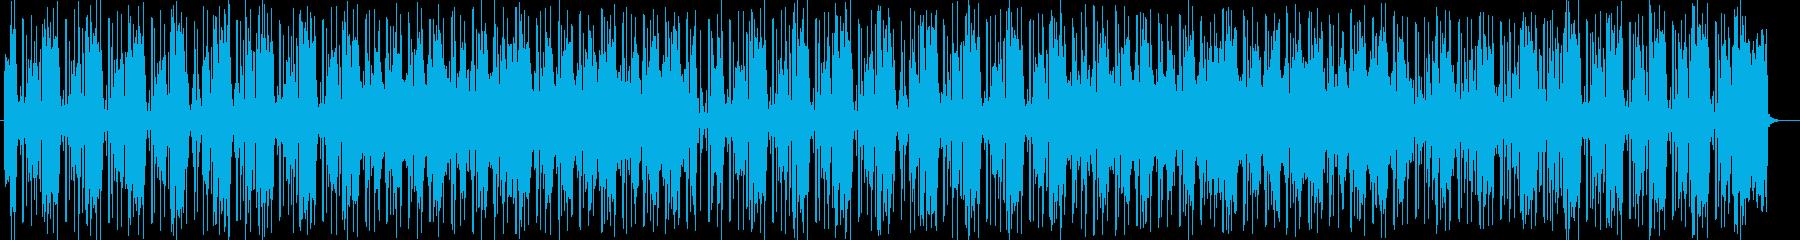 明るくお洒落なシンセサイザー楽曲の再生済みの波形